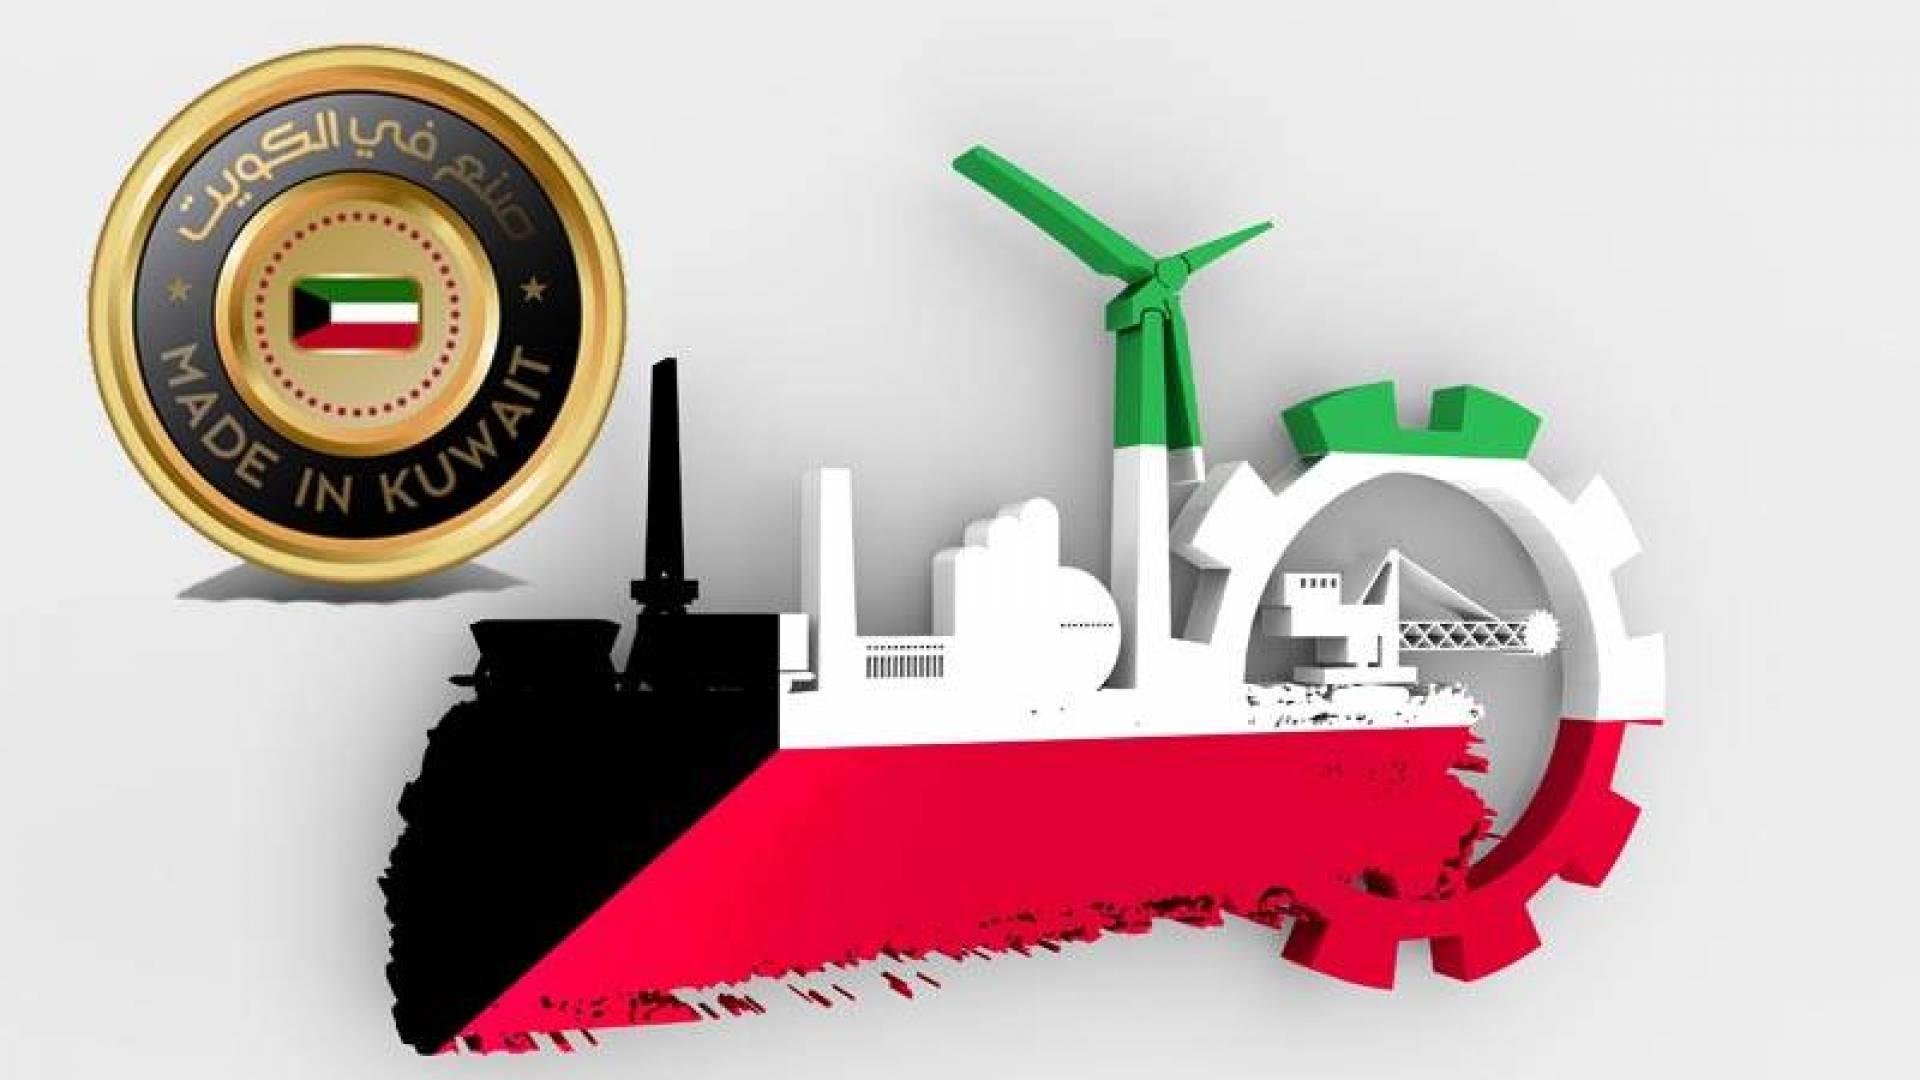 الصناعة في الكويت.. همٌّ وغمٌّ!